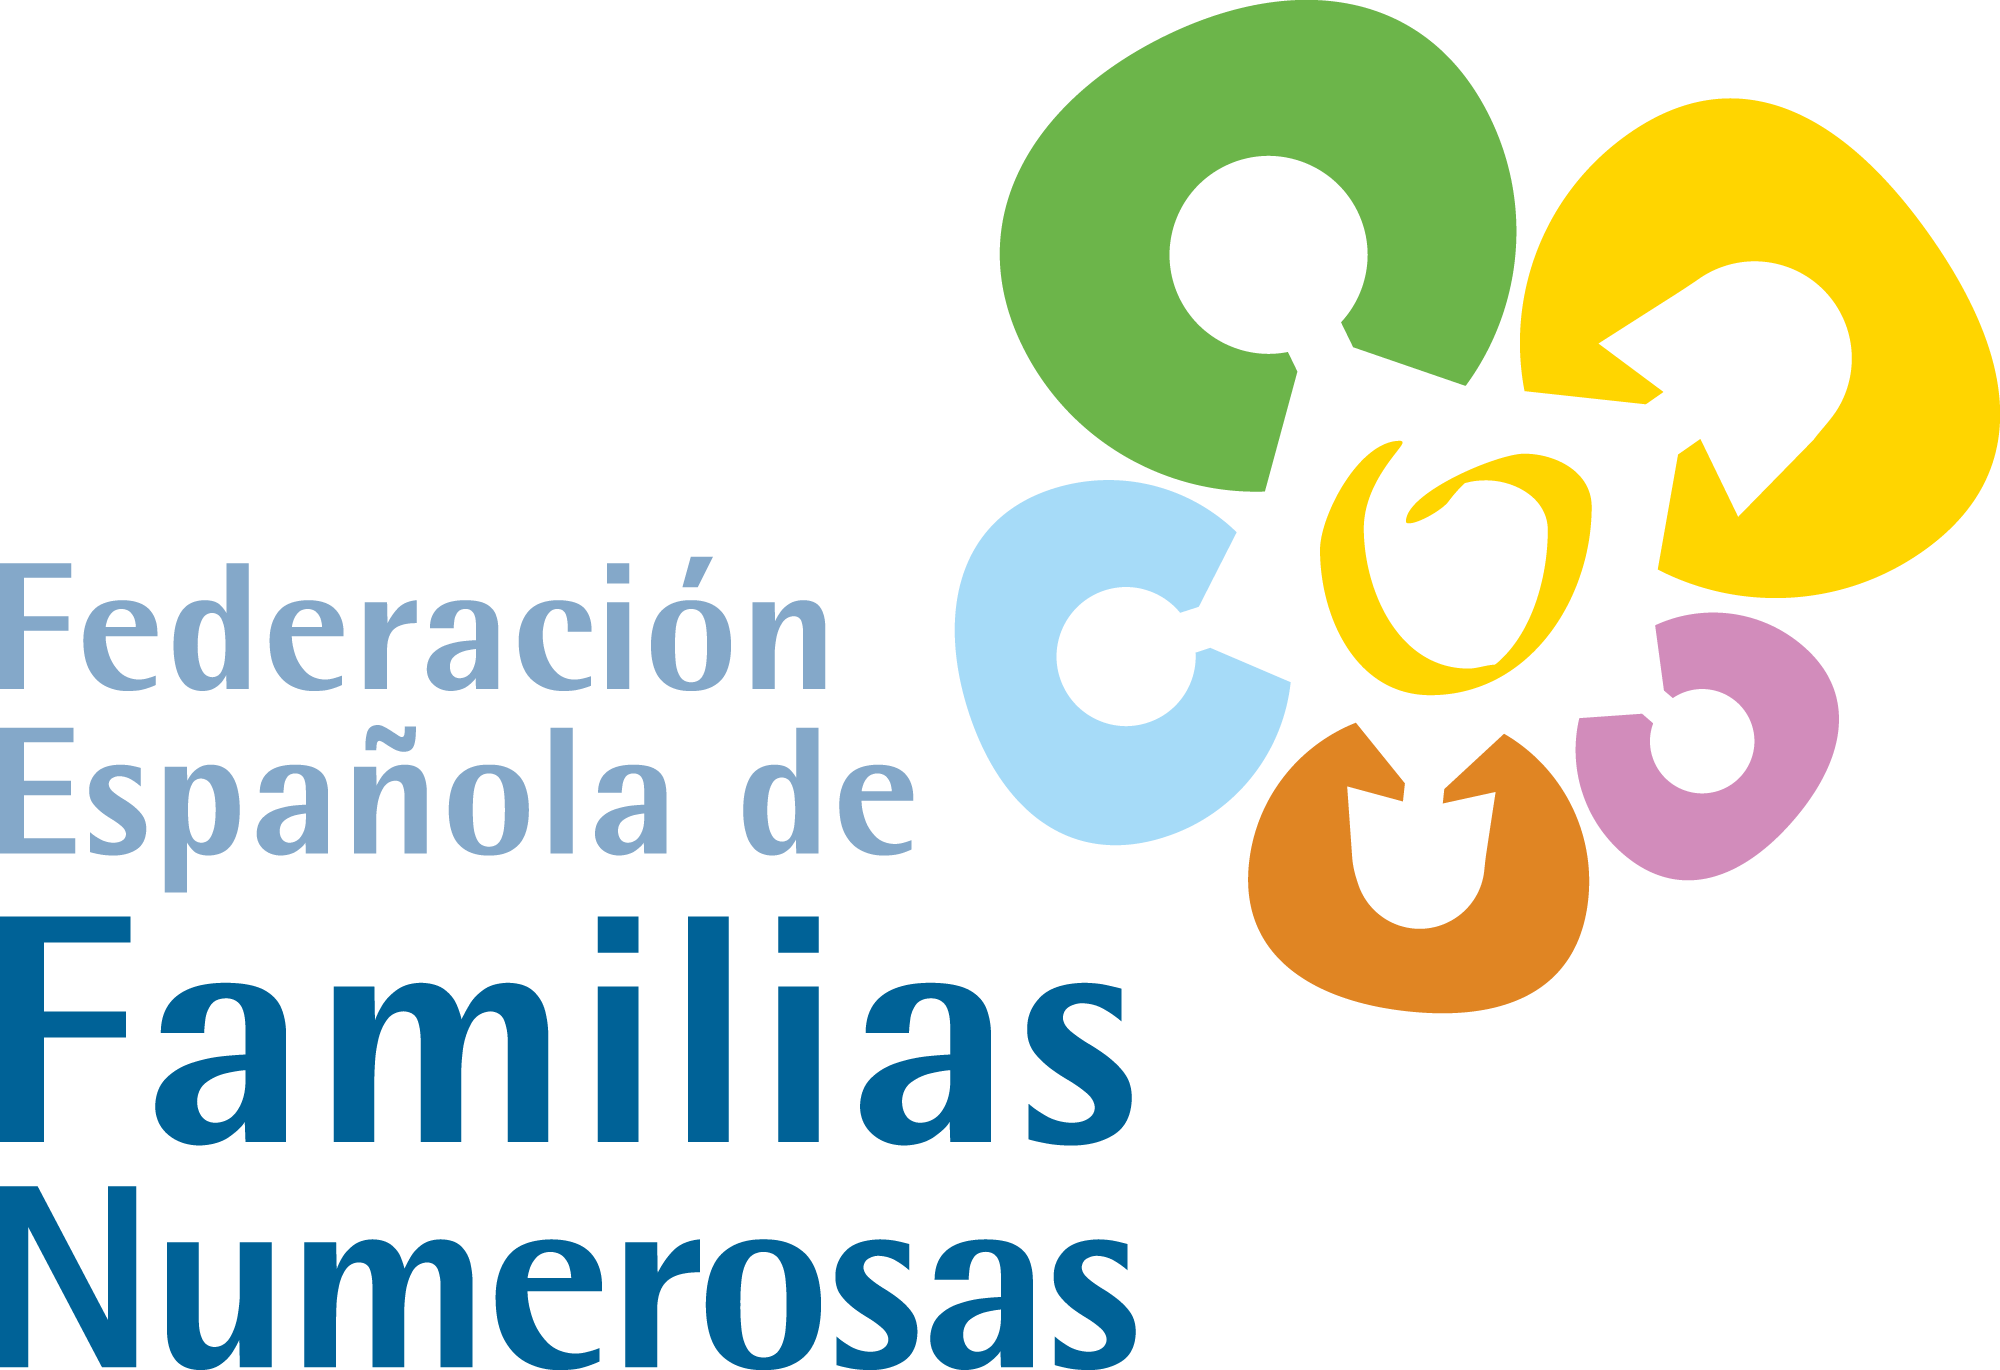 Federación española de familias numerosas